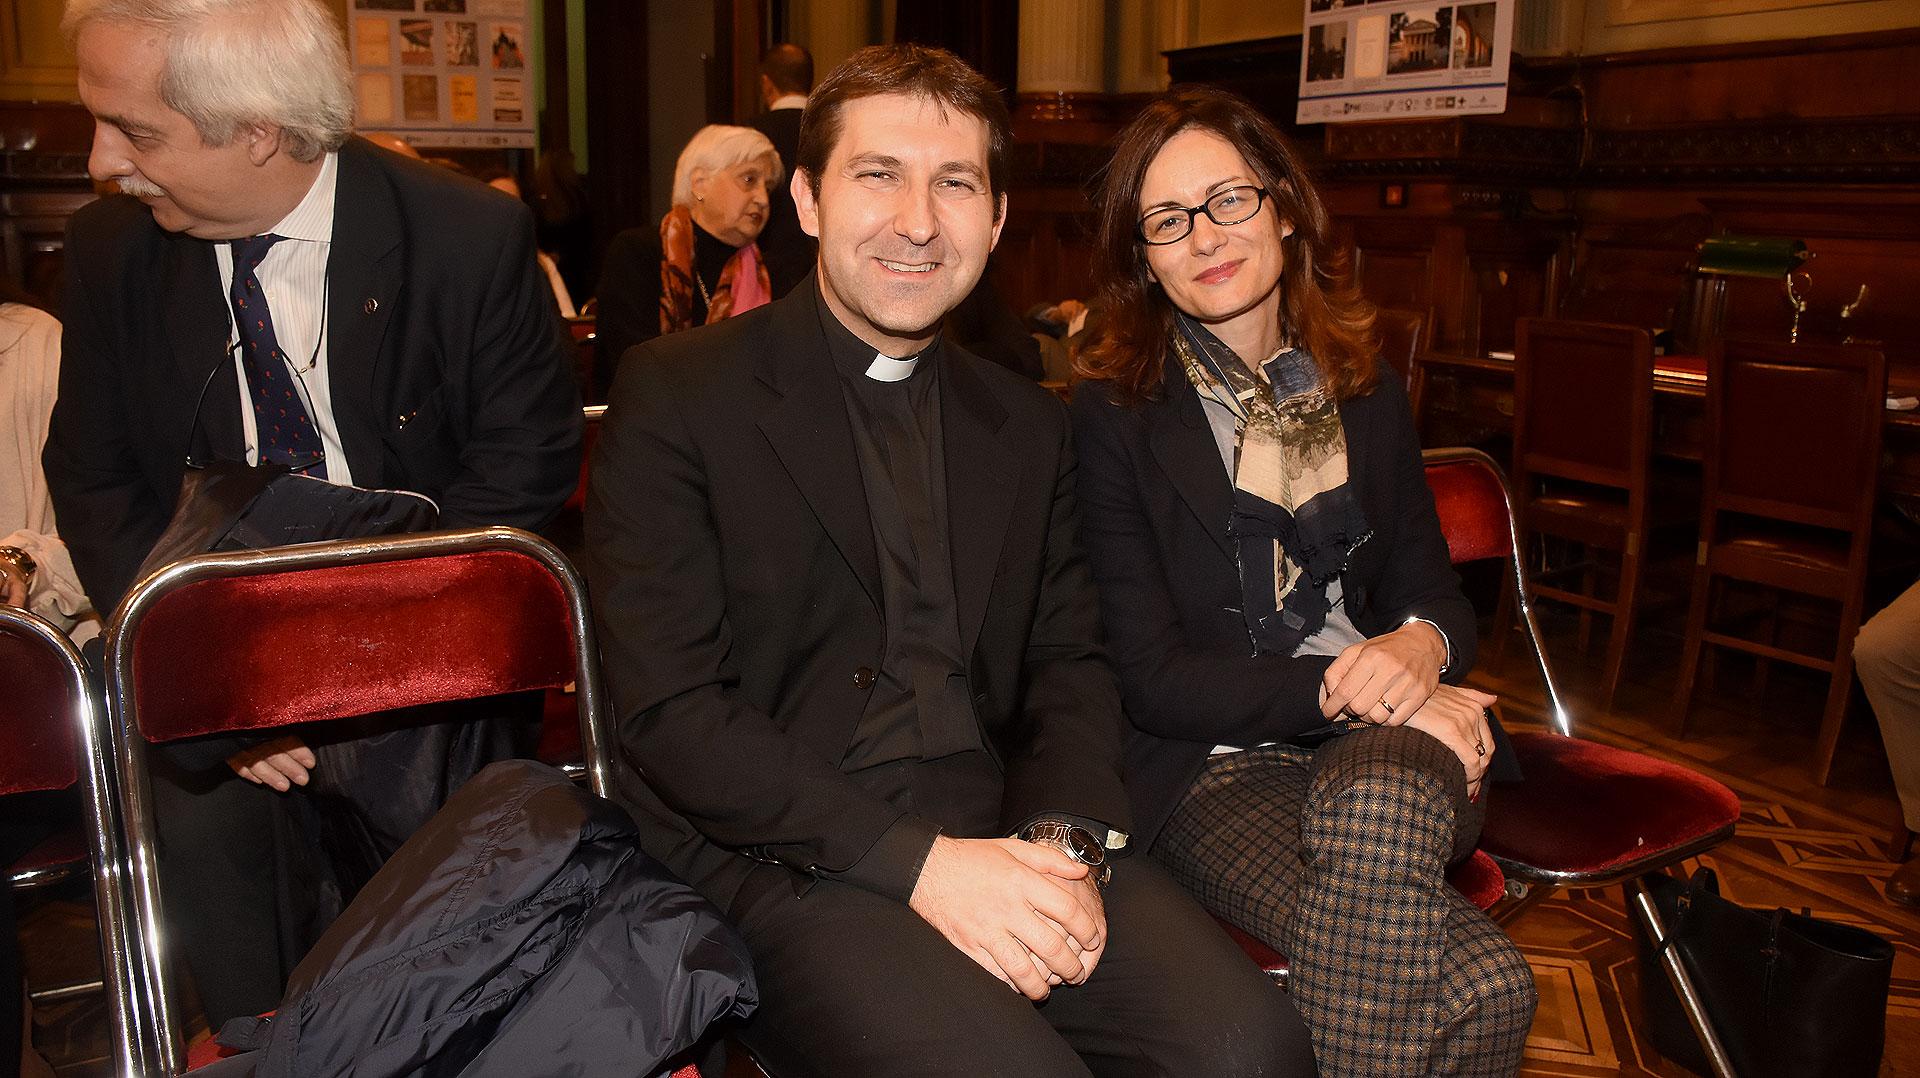 Monseñor Vicenzo Turturro, encargado de negocios de la nunciatura apostólica y Alma Hado Manzo, esposa del embajadora italiano en Buenos Aires